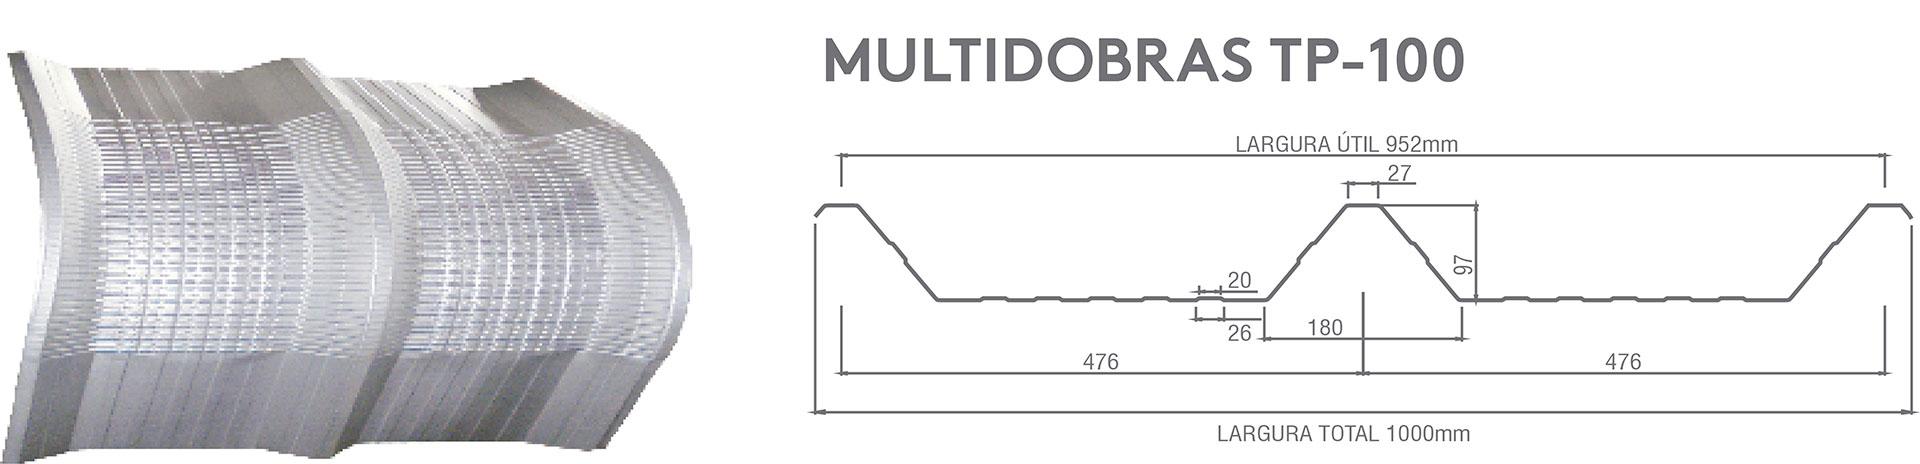 multidobras-tp-100.jpg